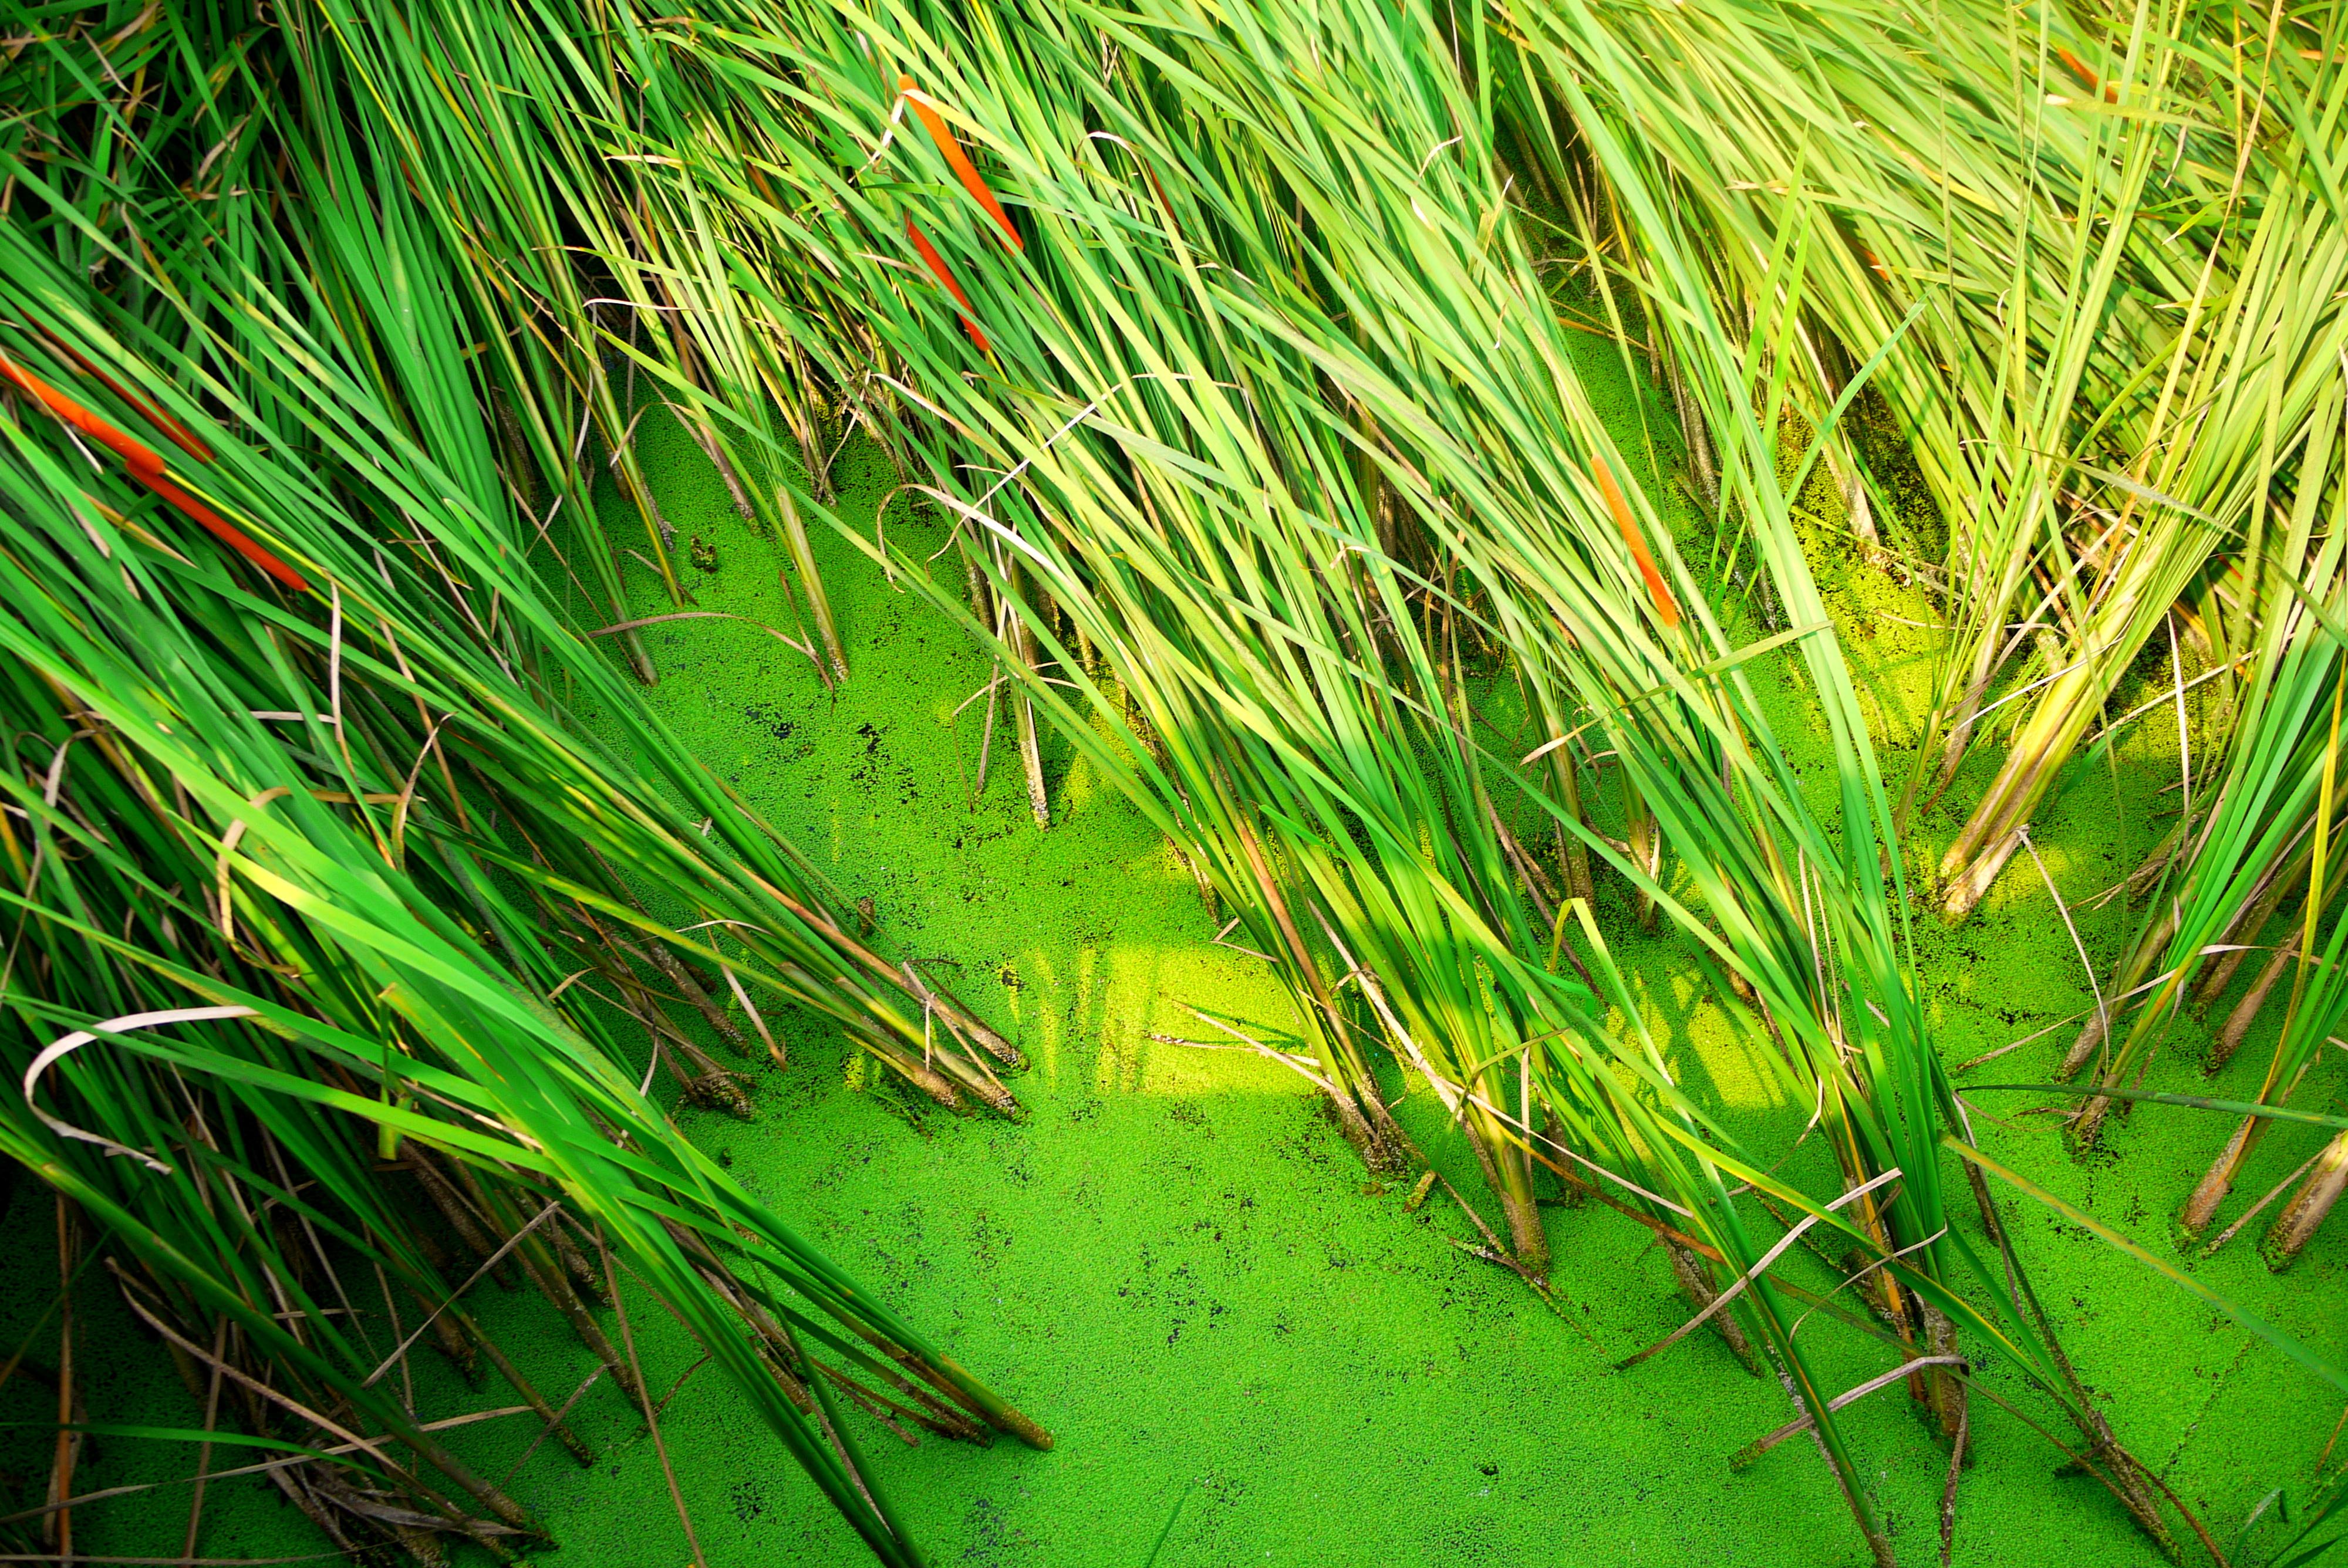 물풀이 자란 습지의 모습